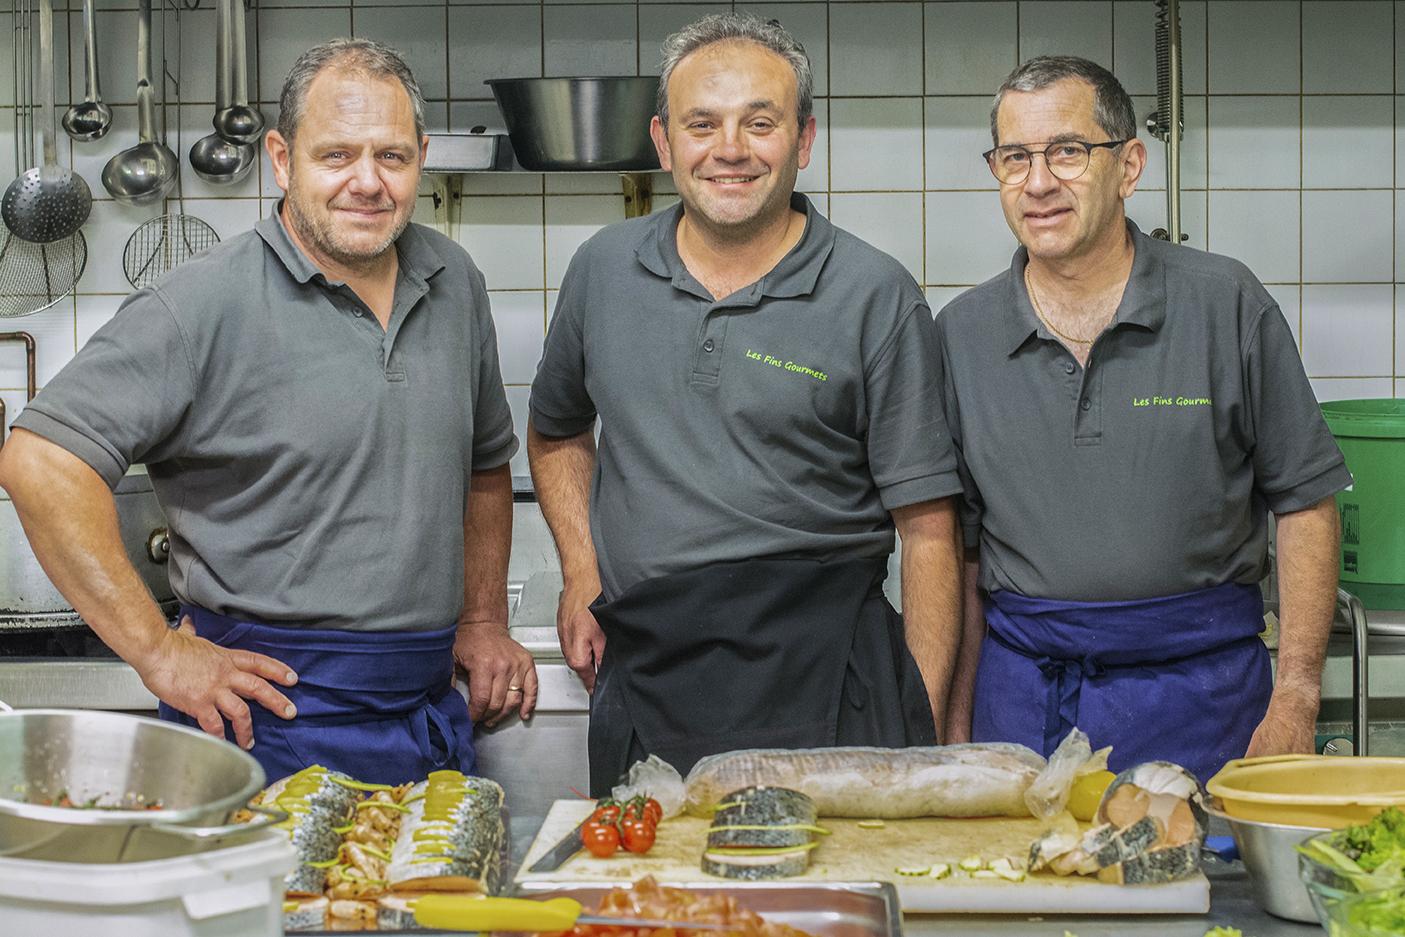 Les Fins Gourmets_Jean-Christophe_Philippe_Didier_Traiteur_Charcutier